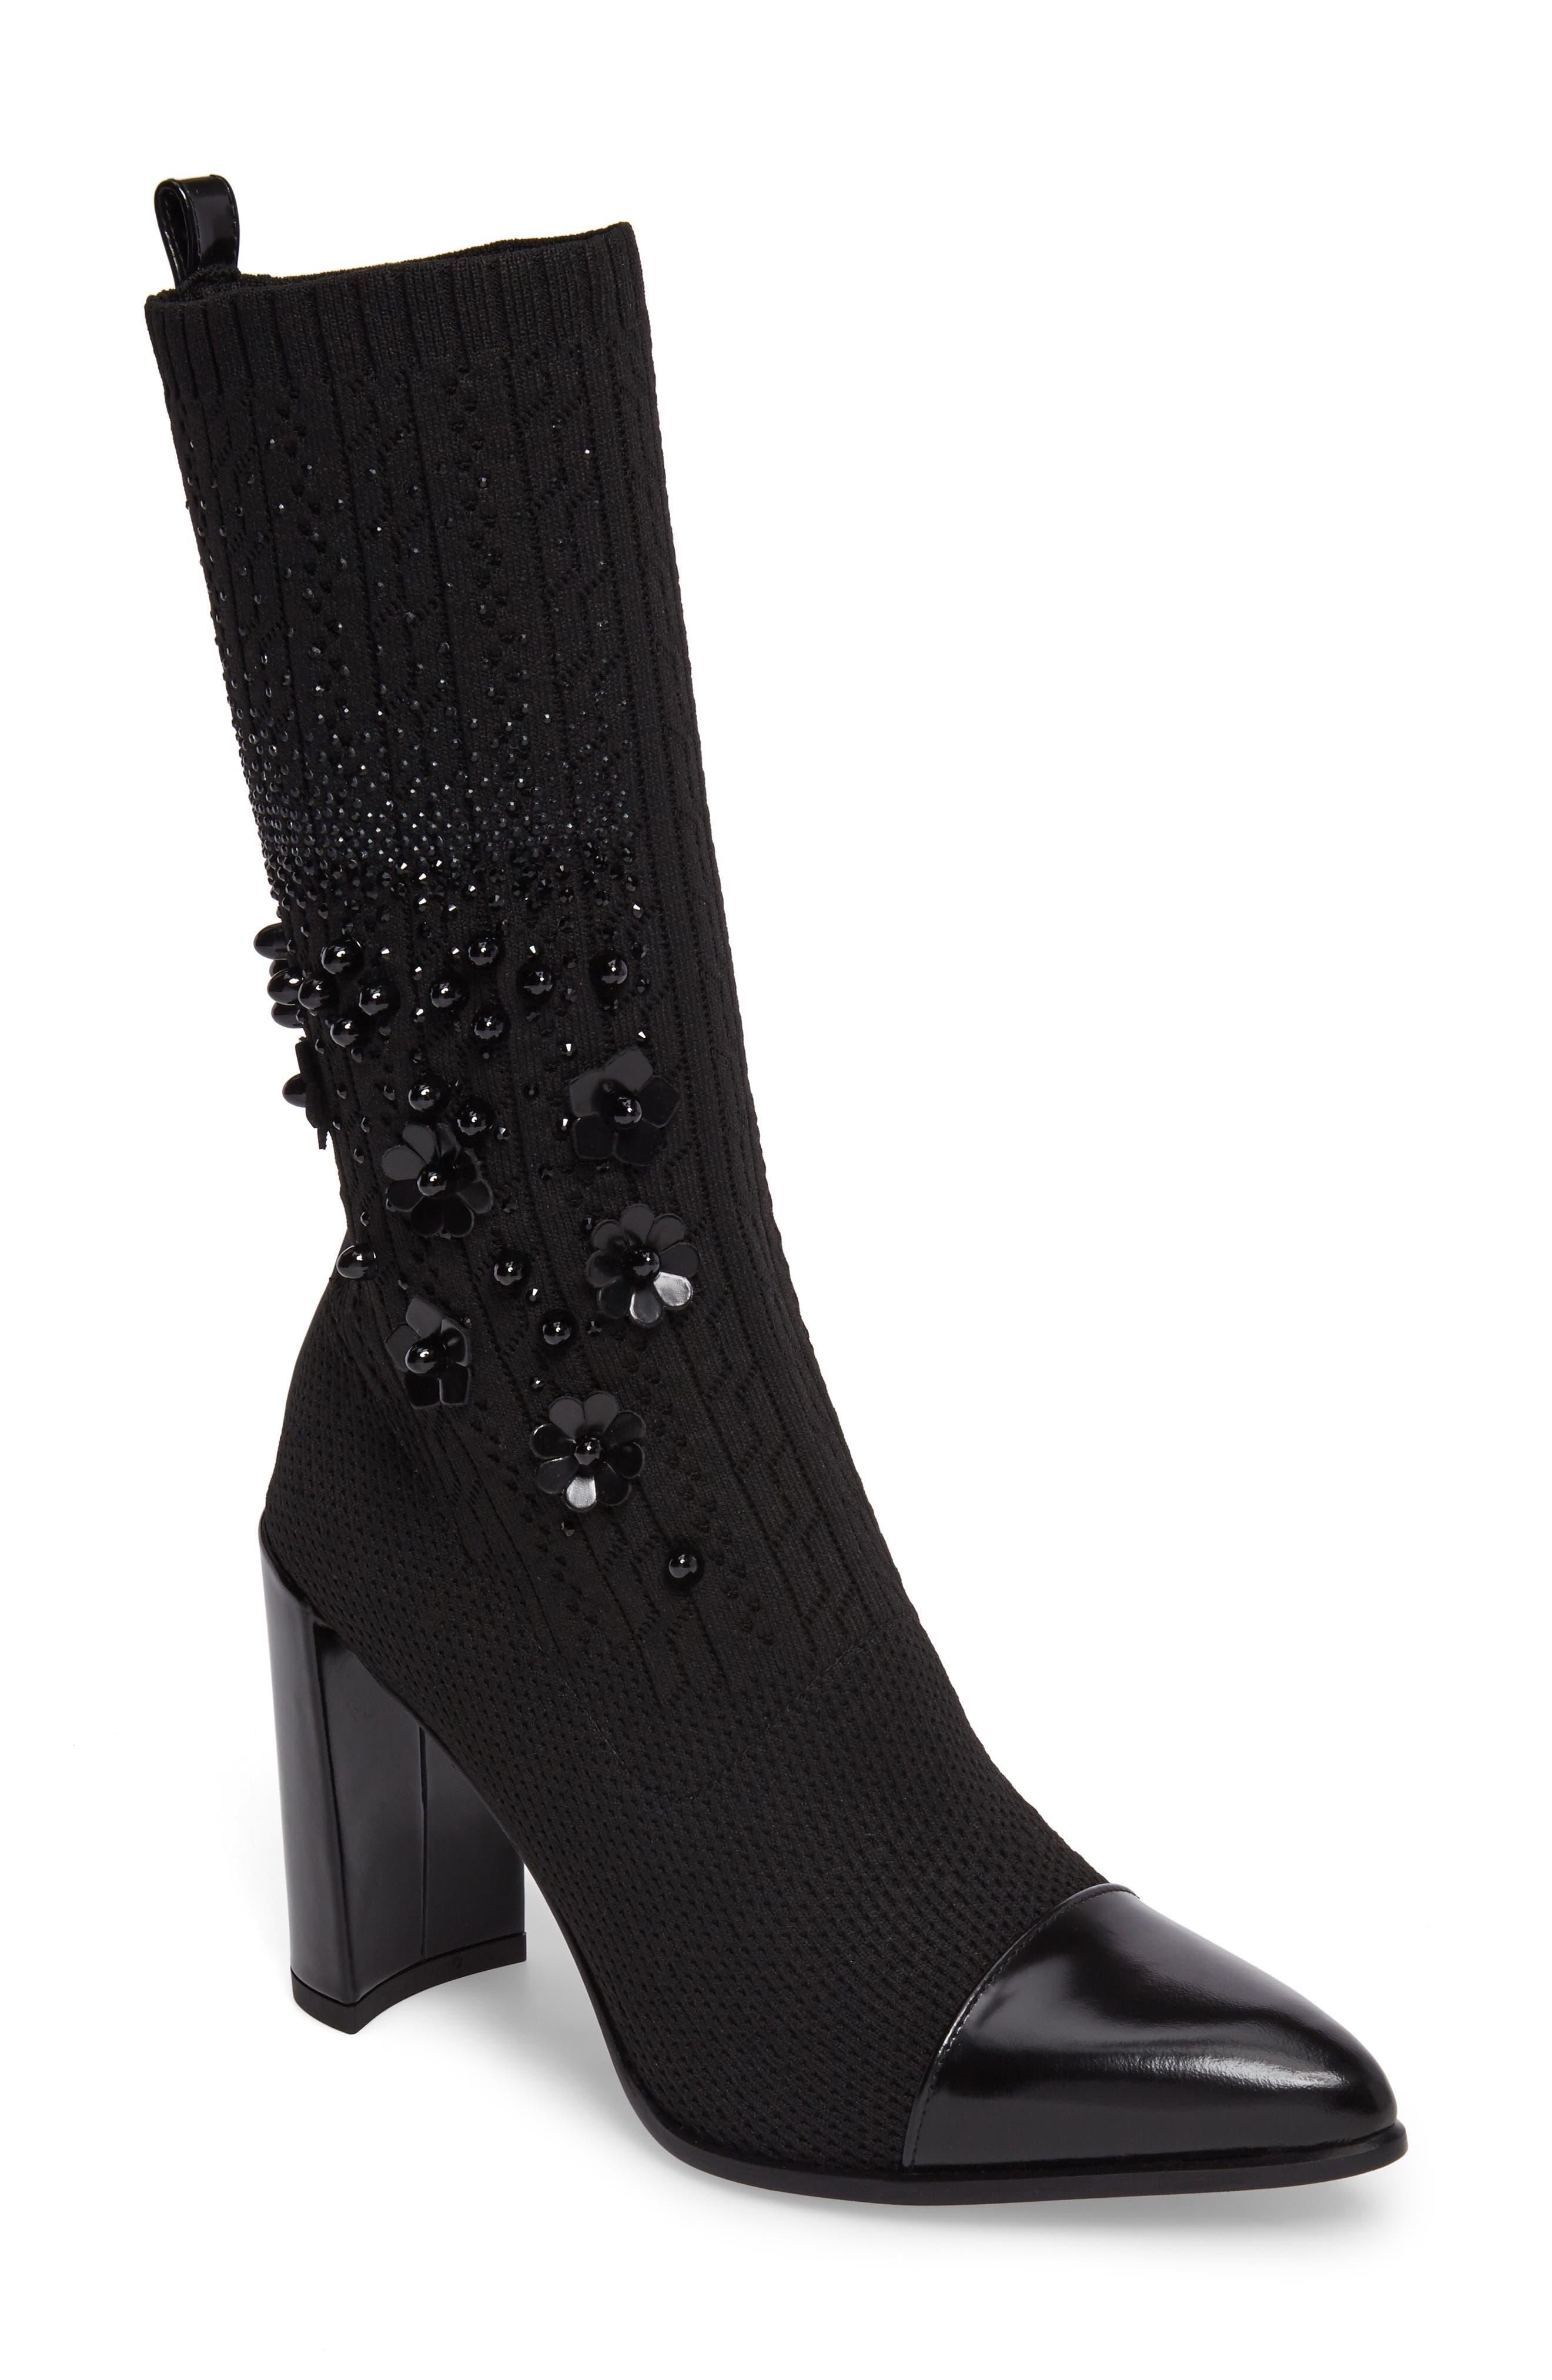 Main Image - Stuart Weitzman Sockhop Embellished Boot (Women)